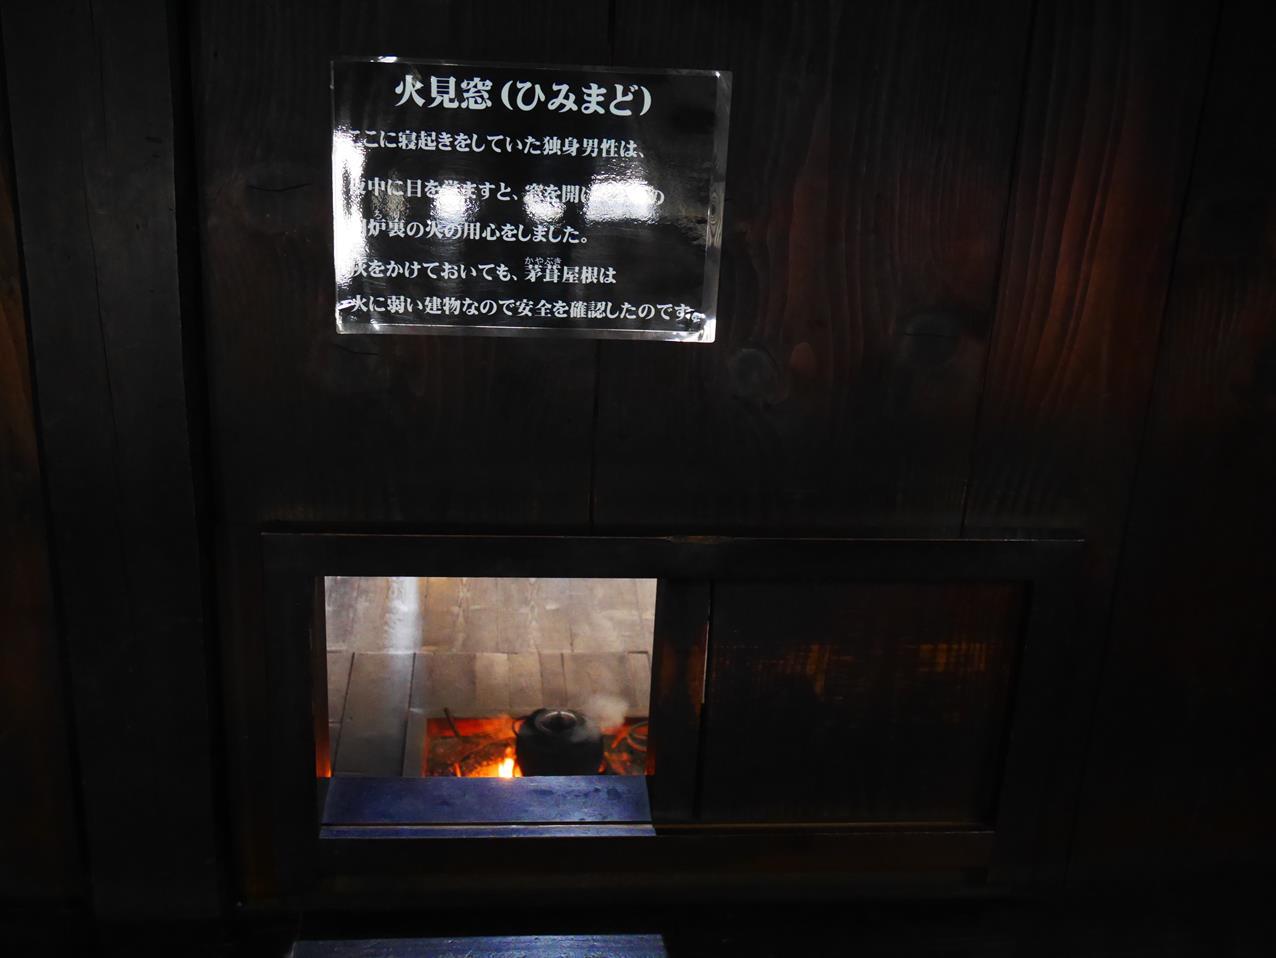 神田家火見窗